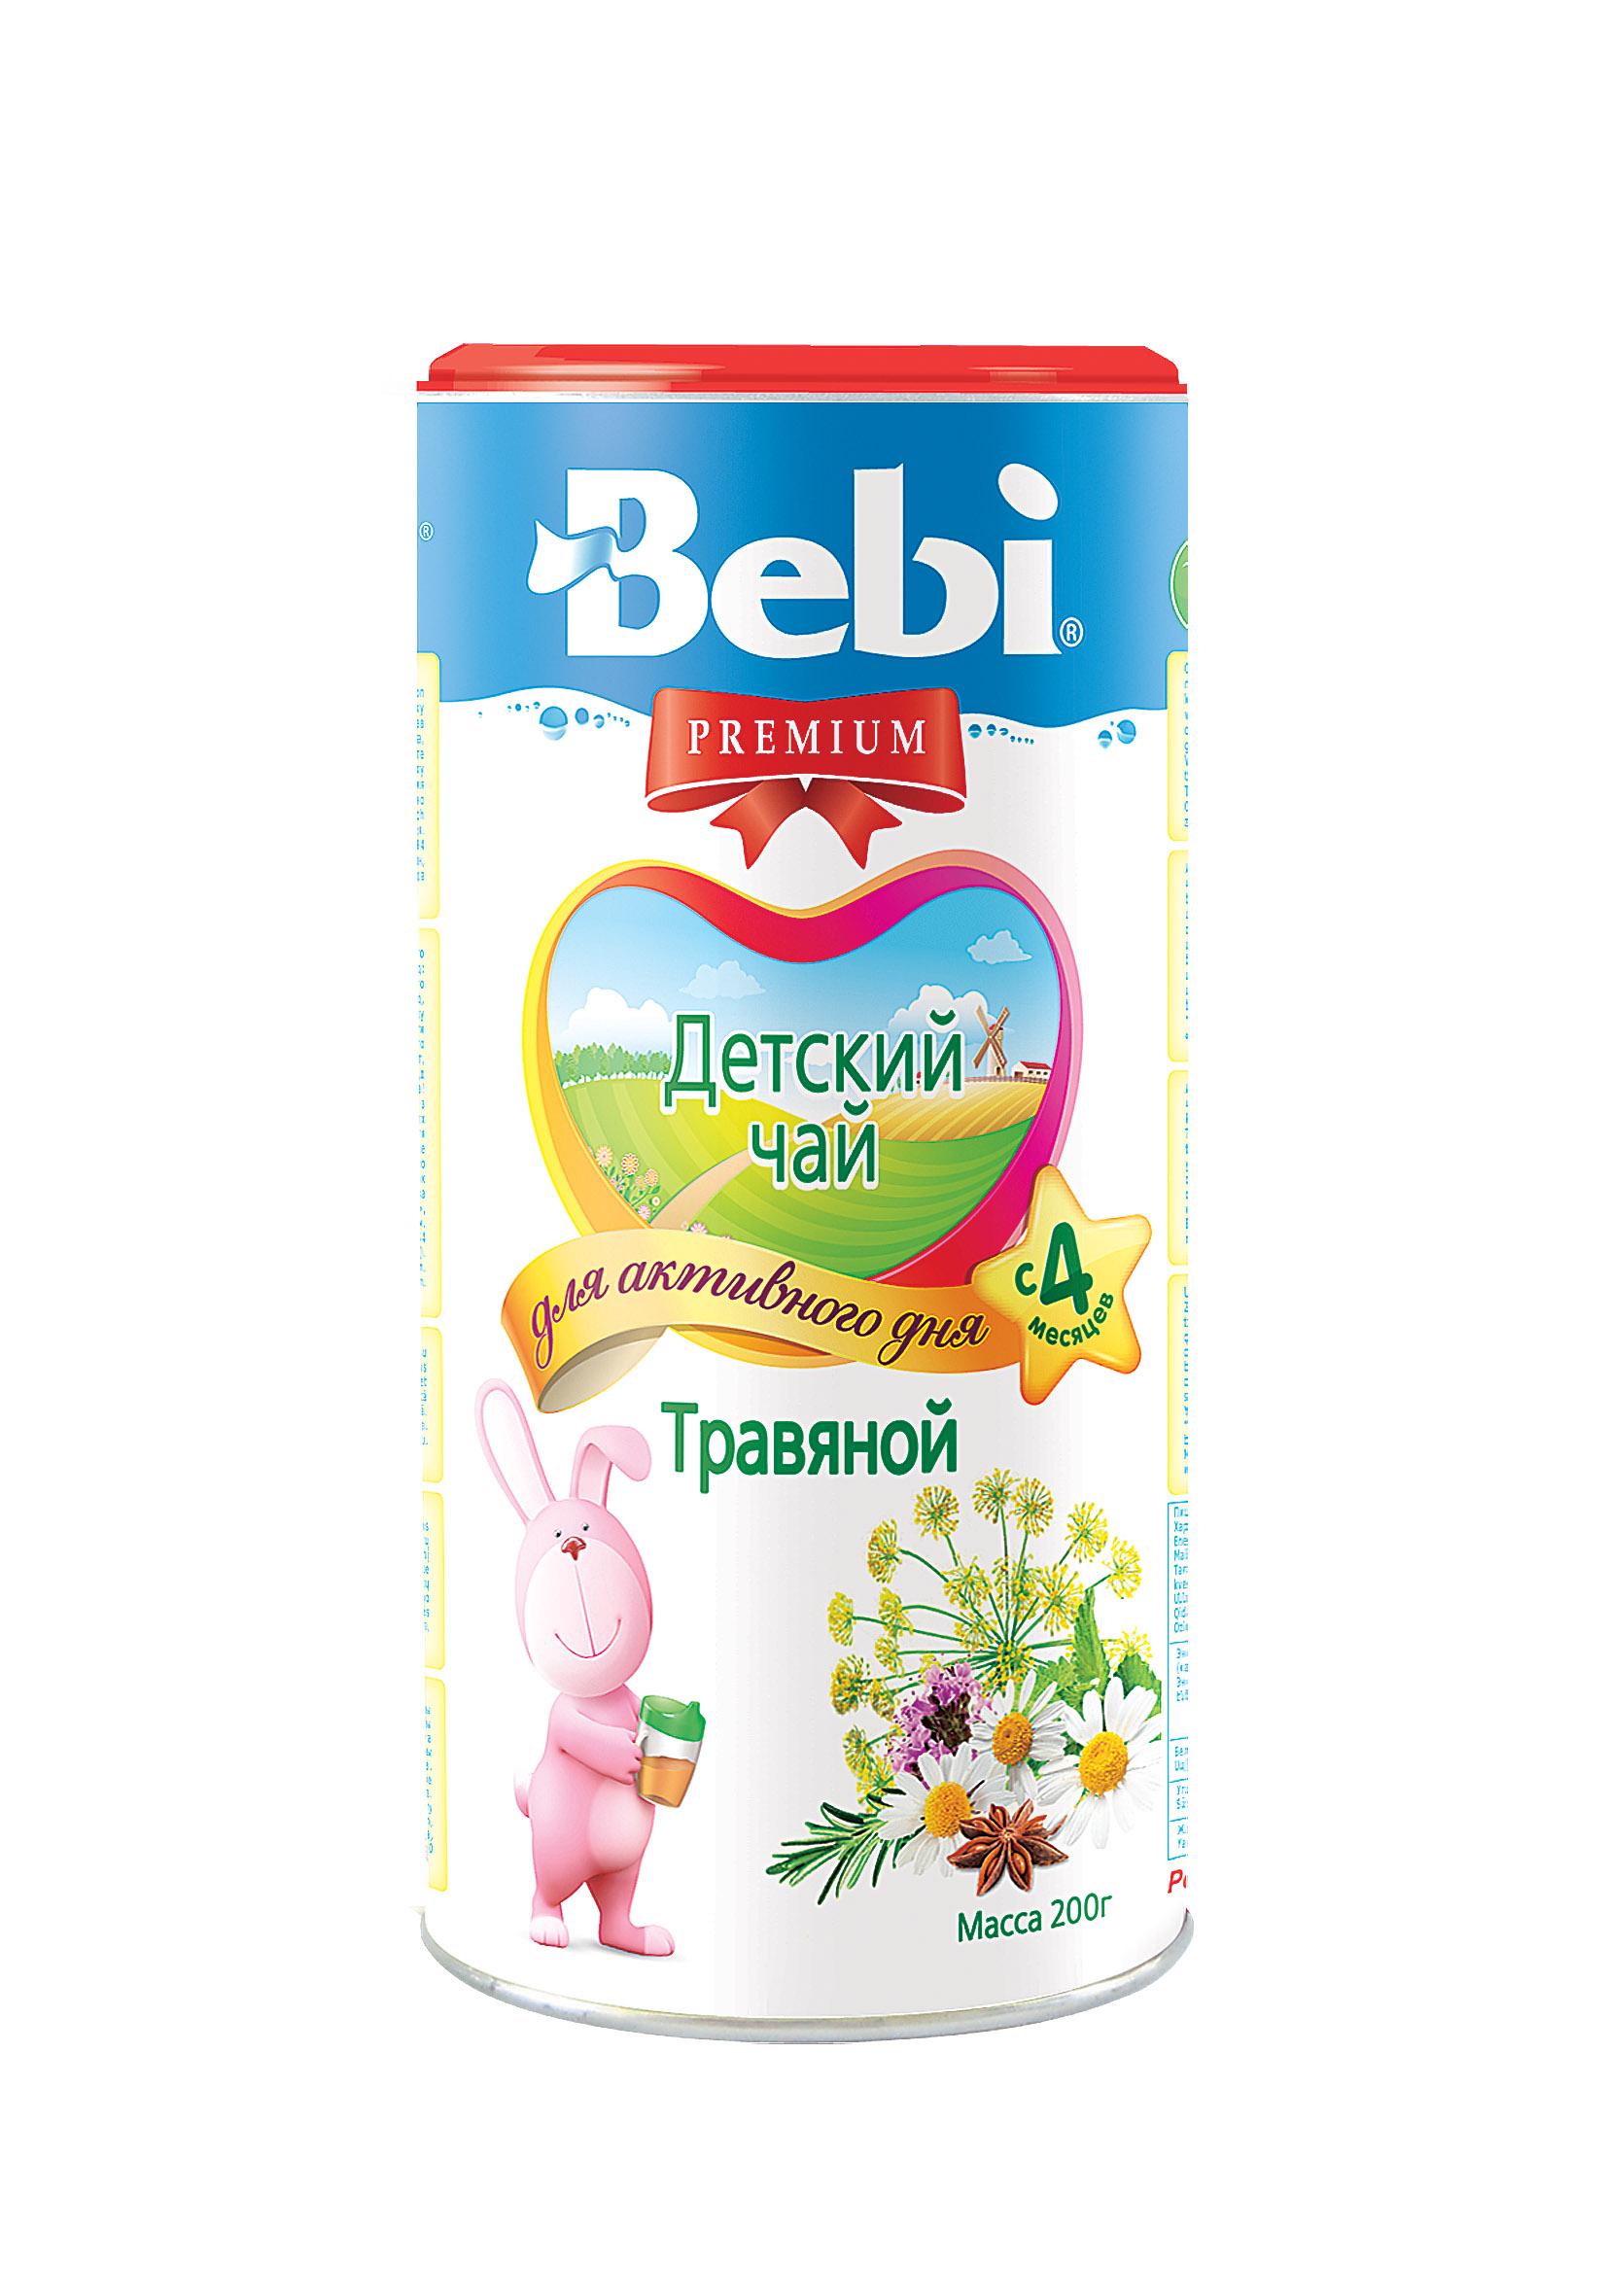 Купить Растворимый детский чай Bebi Premium травяной, 200гр, Словения